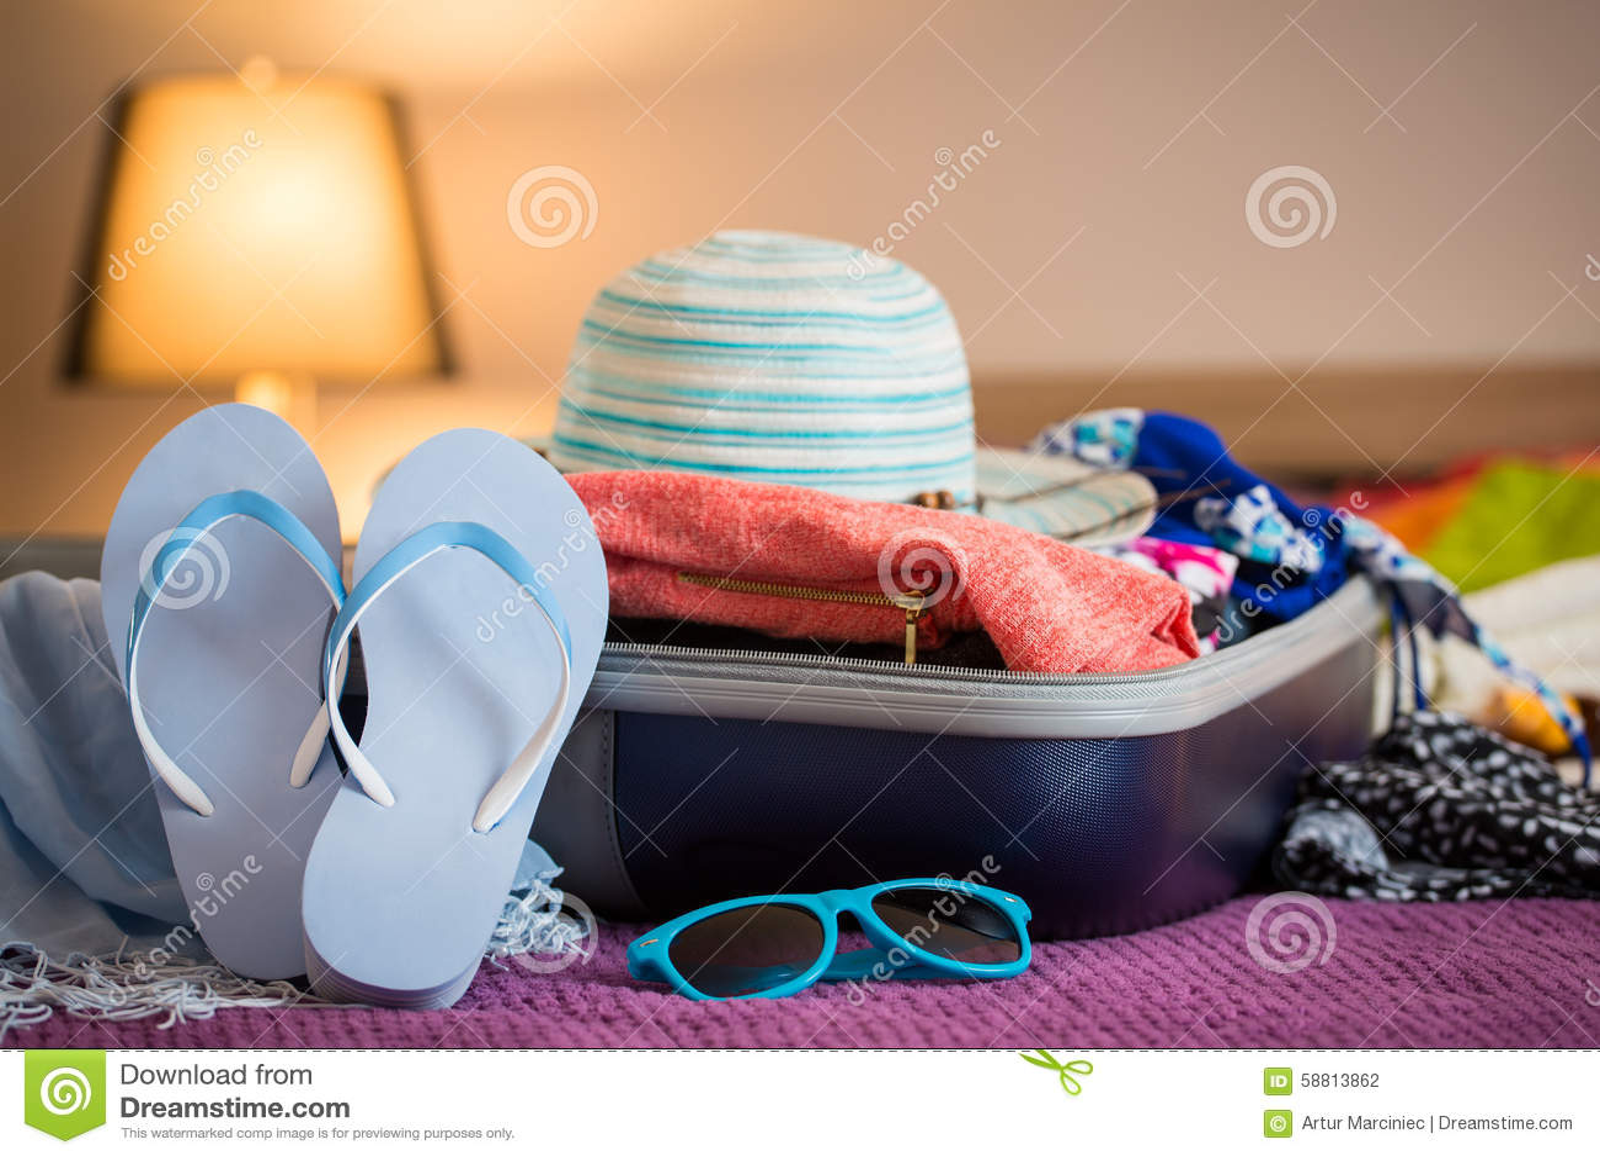 Apra la valigia sul letto fotografia stock immagine di spiaggia 58813862 - La valigia sul letto ...